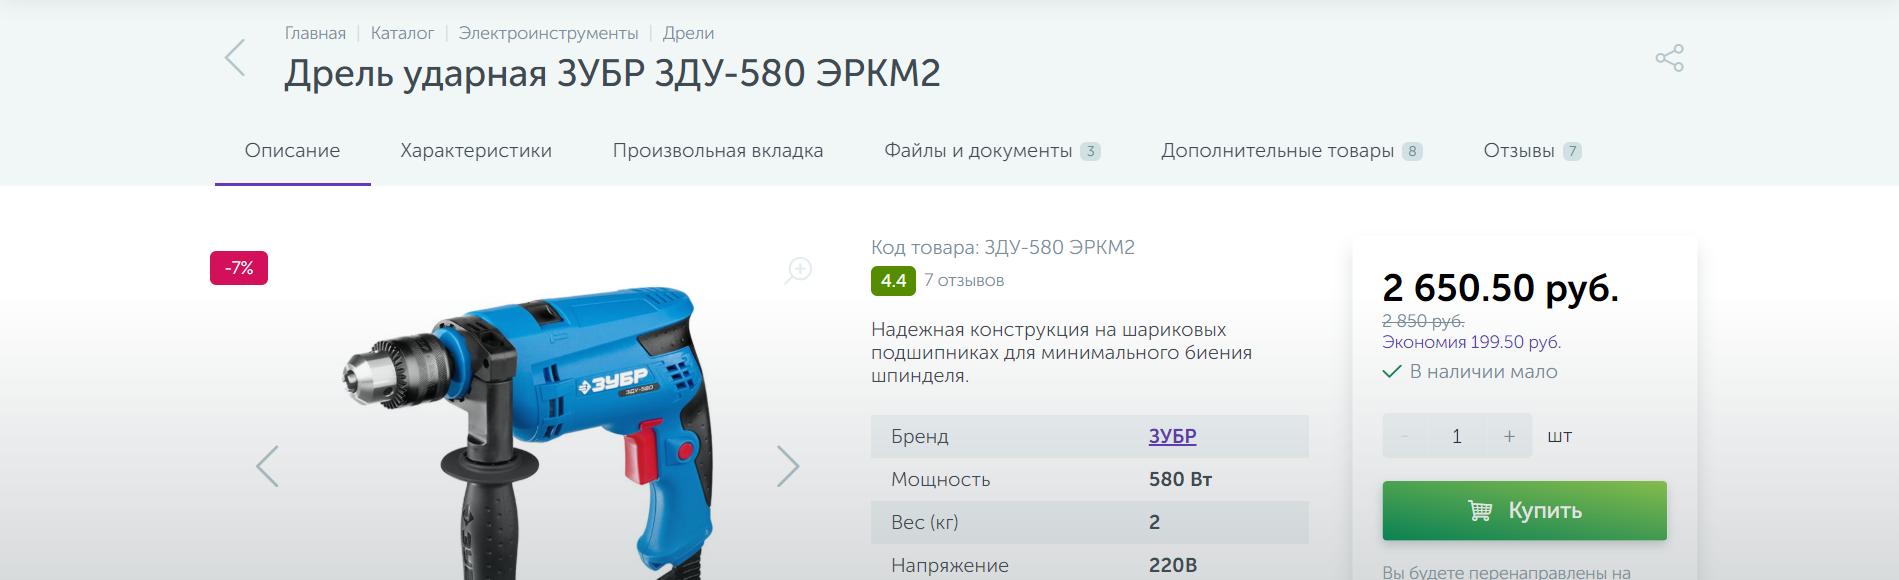 ЭЛЕКТРОСИЛА NEXT - Добавление и редактирование товара 1С-Битрикс